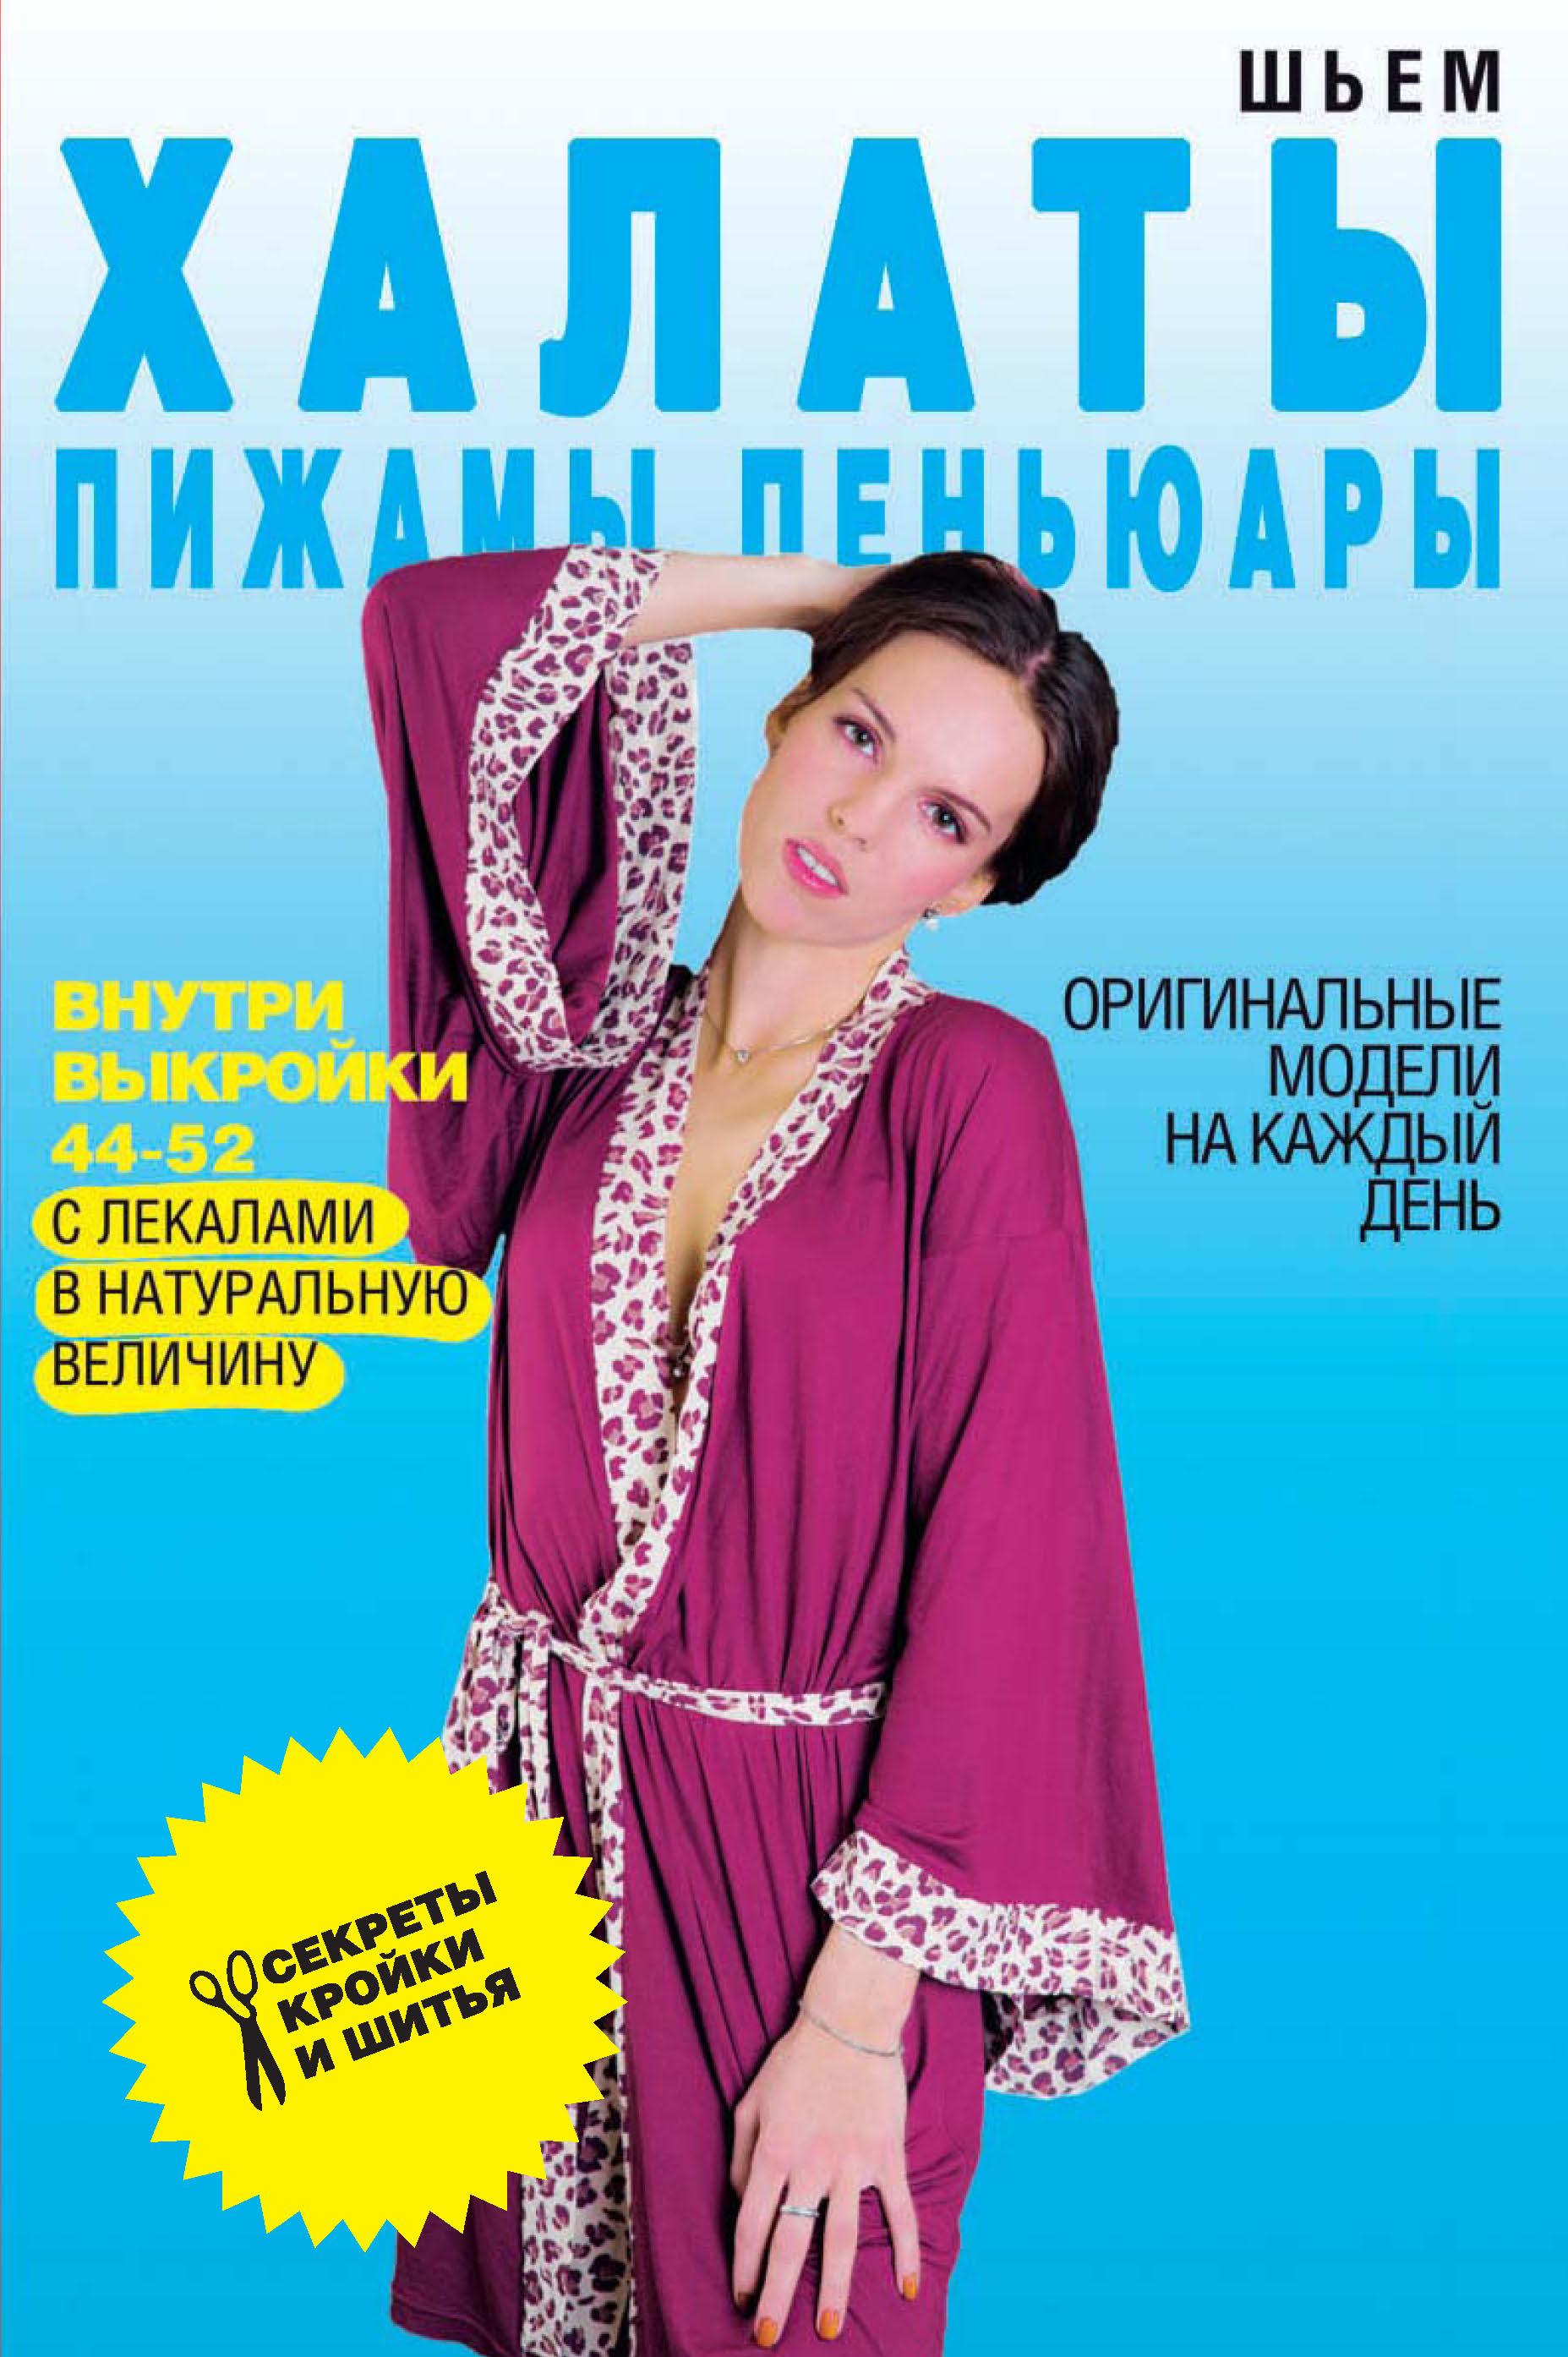 Светлана Ермакова Шьем халаты, пижамы, пеньюары. Оригинальные модели на каждый день светлана ермакова шьем юбки оригинальные модели на каждый день